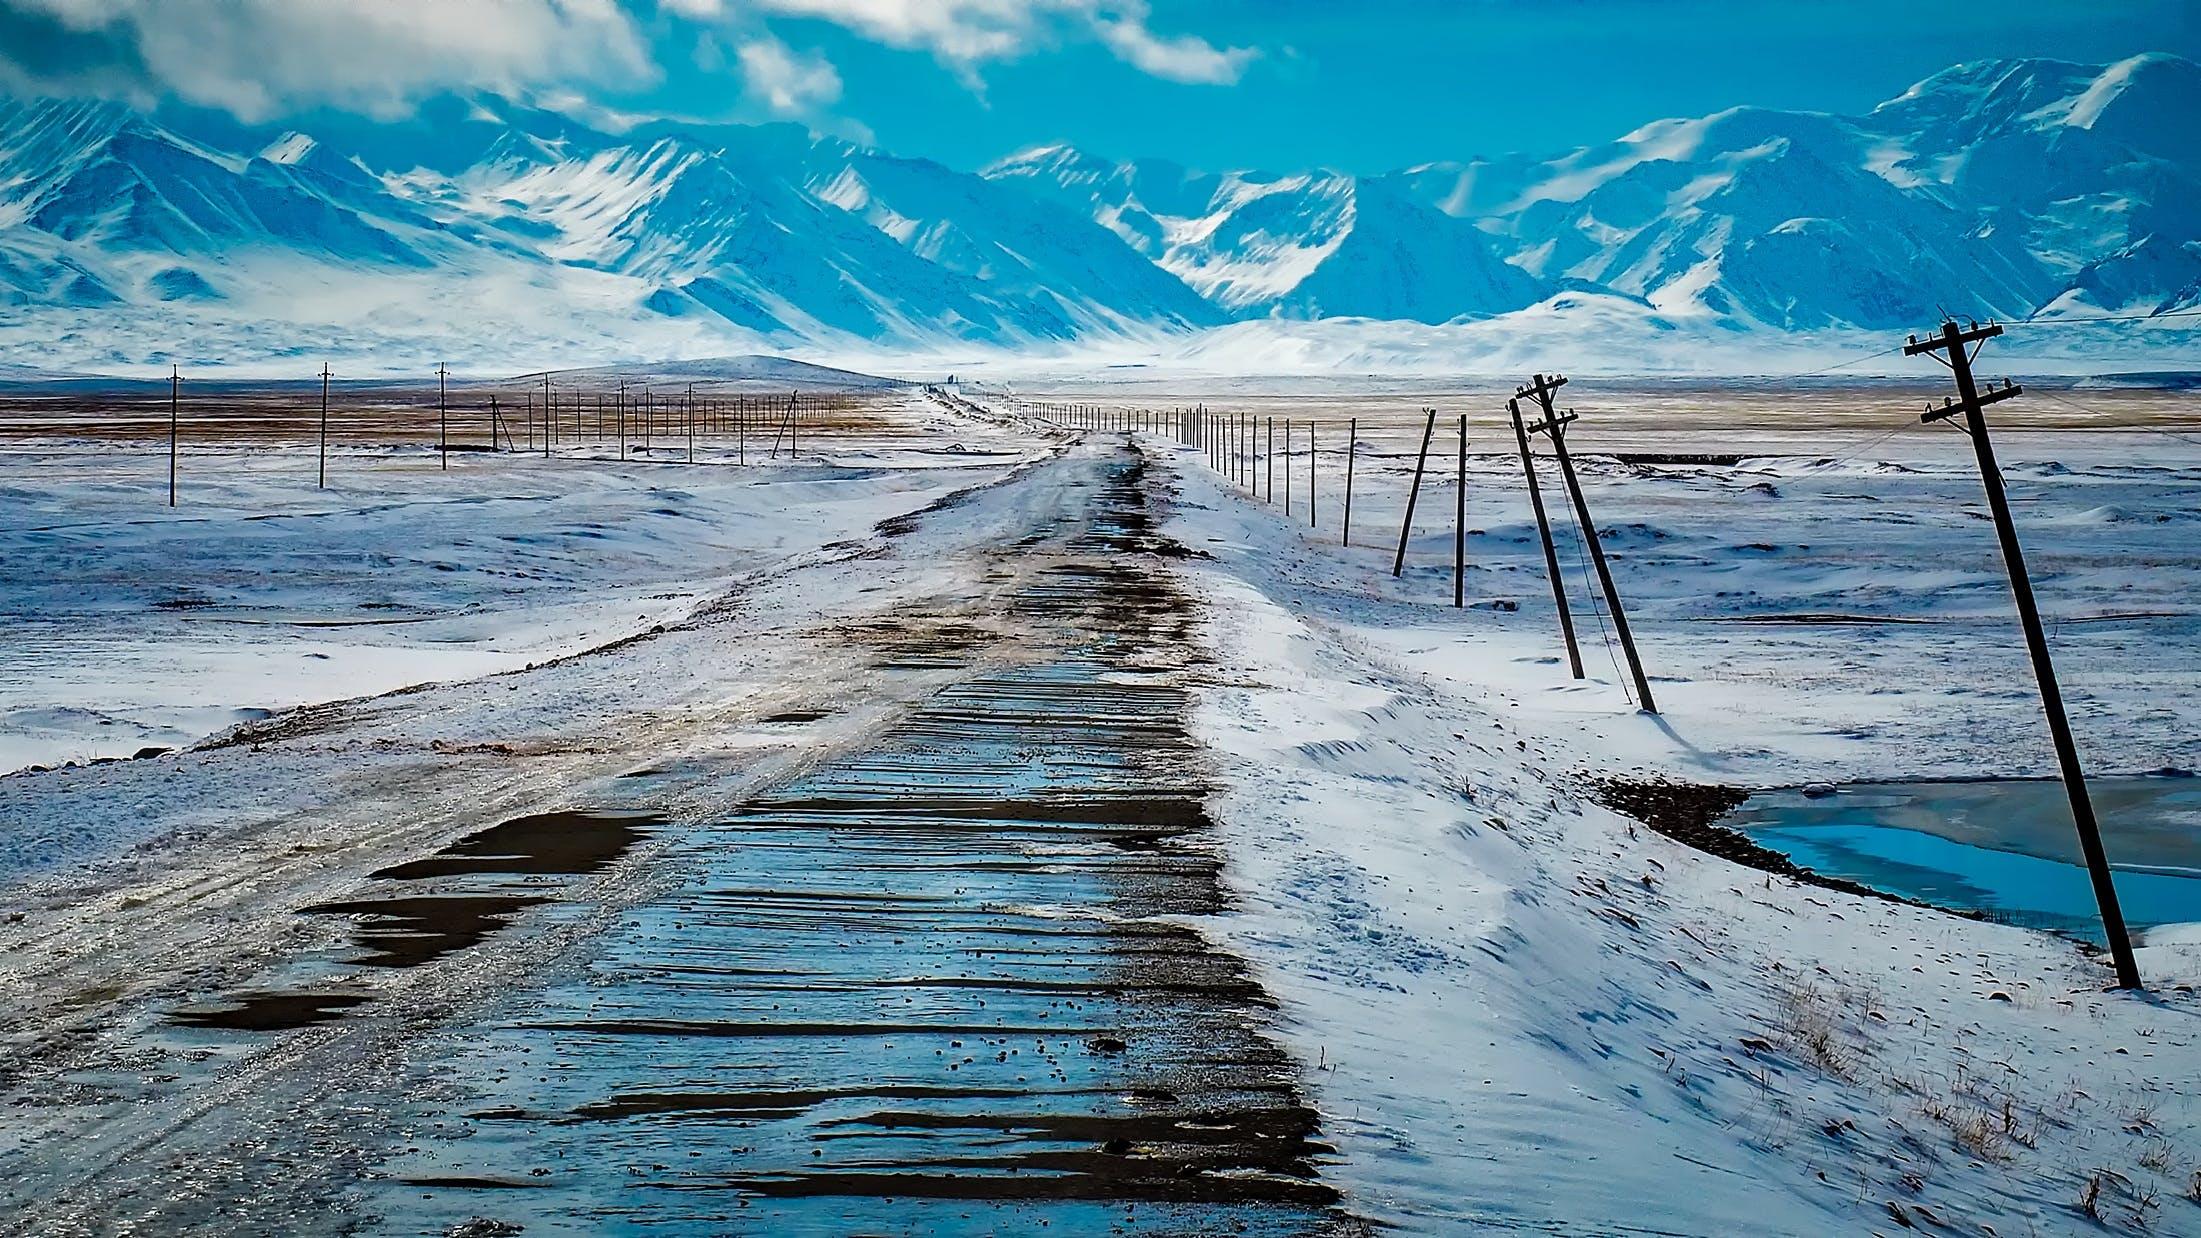 Kostnadsfri bild av bergen, is, kall, landskap